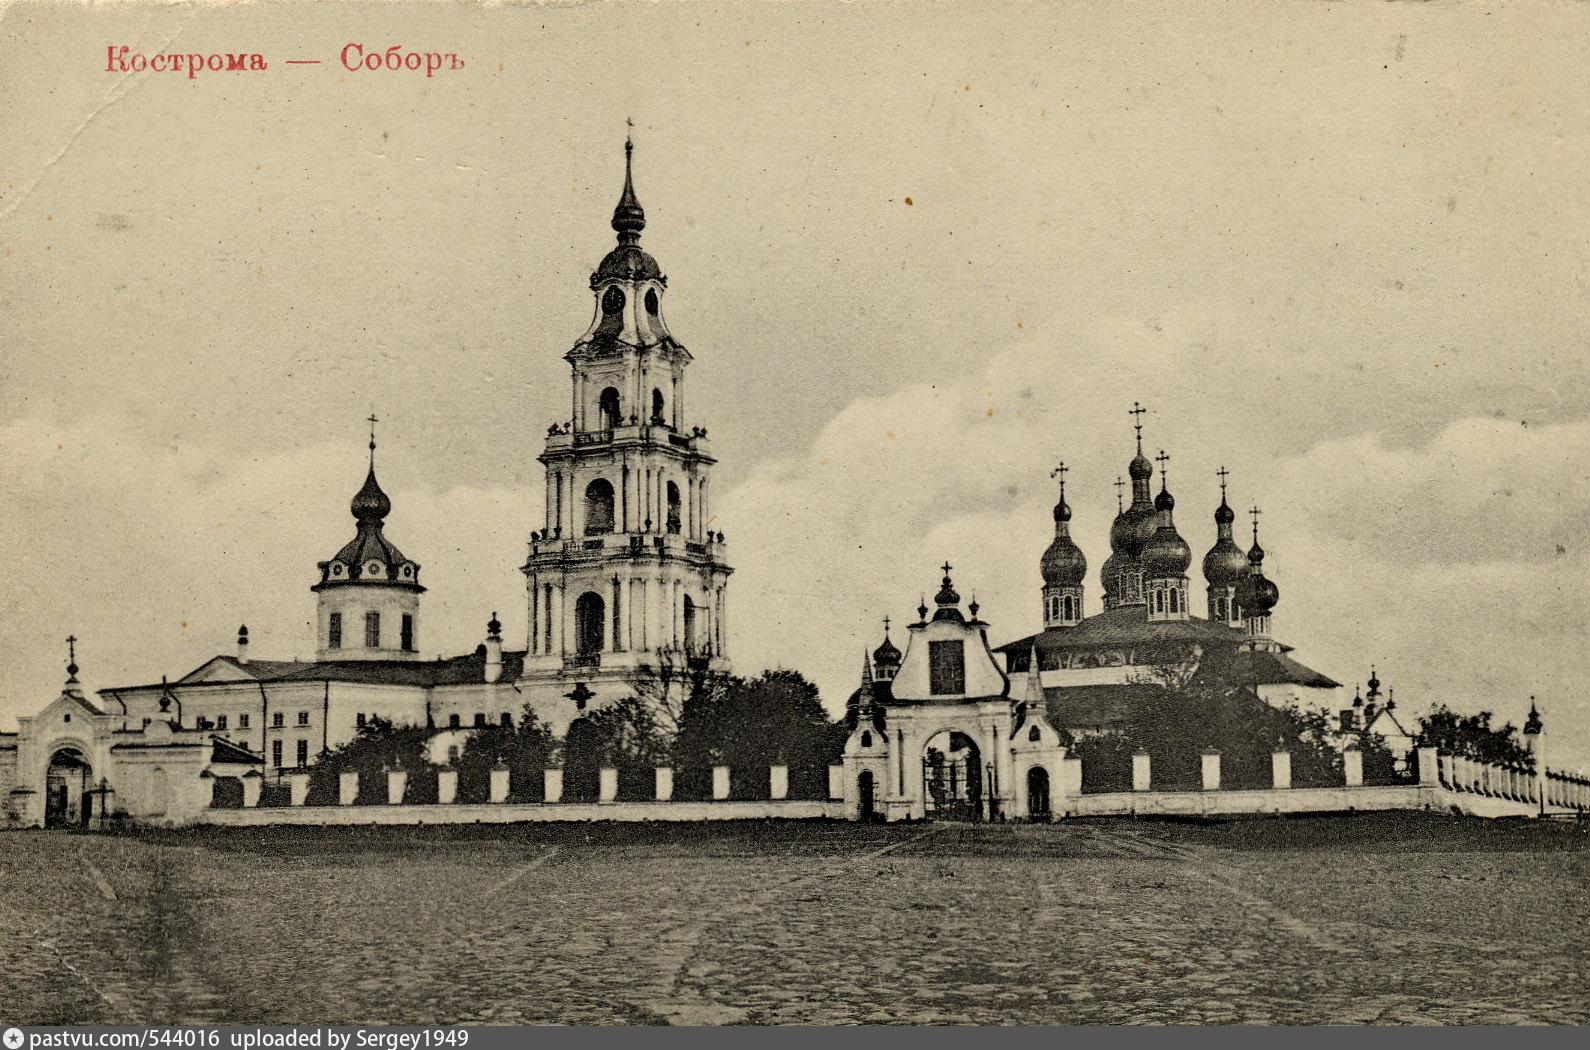 Картинки, кострома на старинной открытке